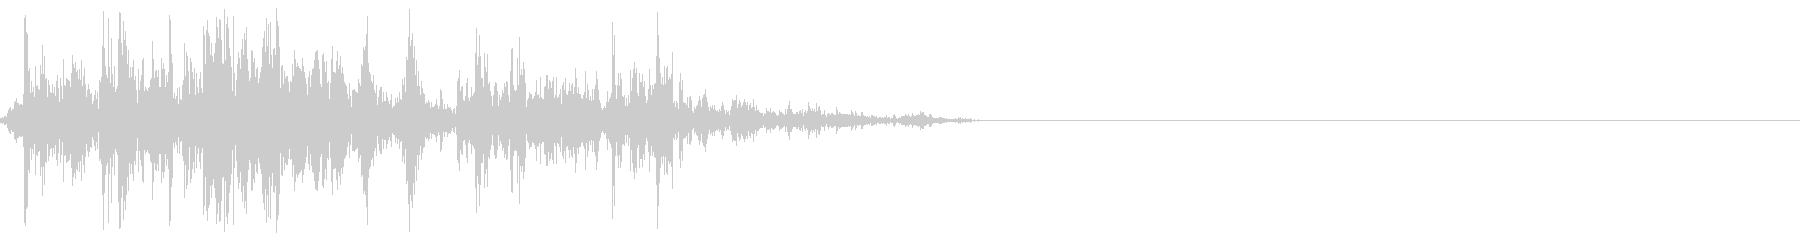 コイン(ジャラジャラ/チャリン/ガラガラの未再生の波形